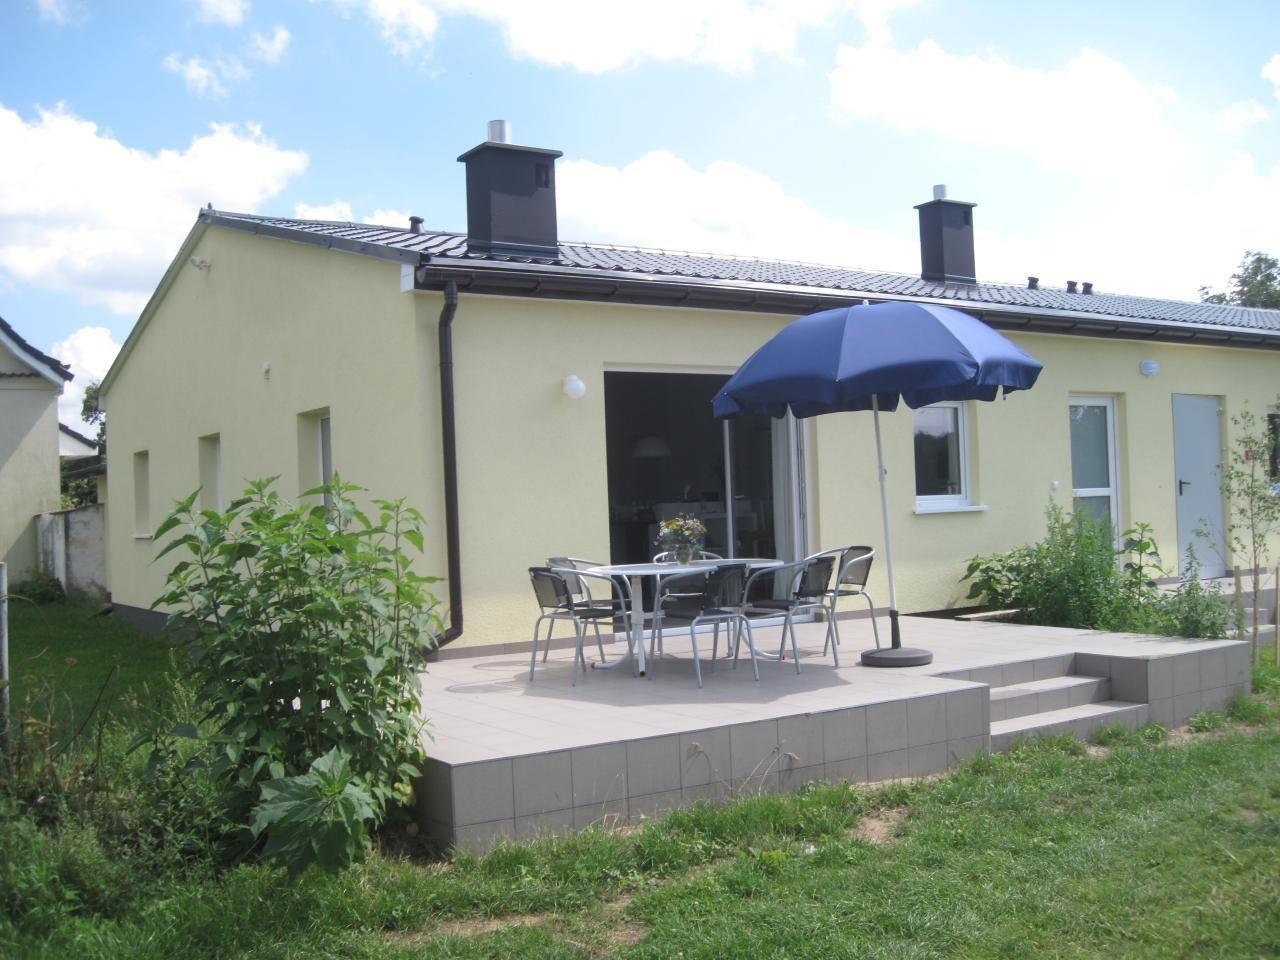 Haus Kastan 1 in der Nähe der Ostsee und des Oderhaffs